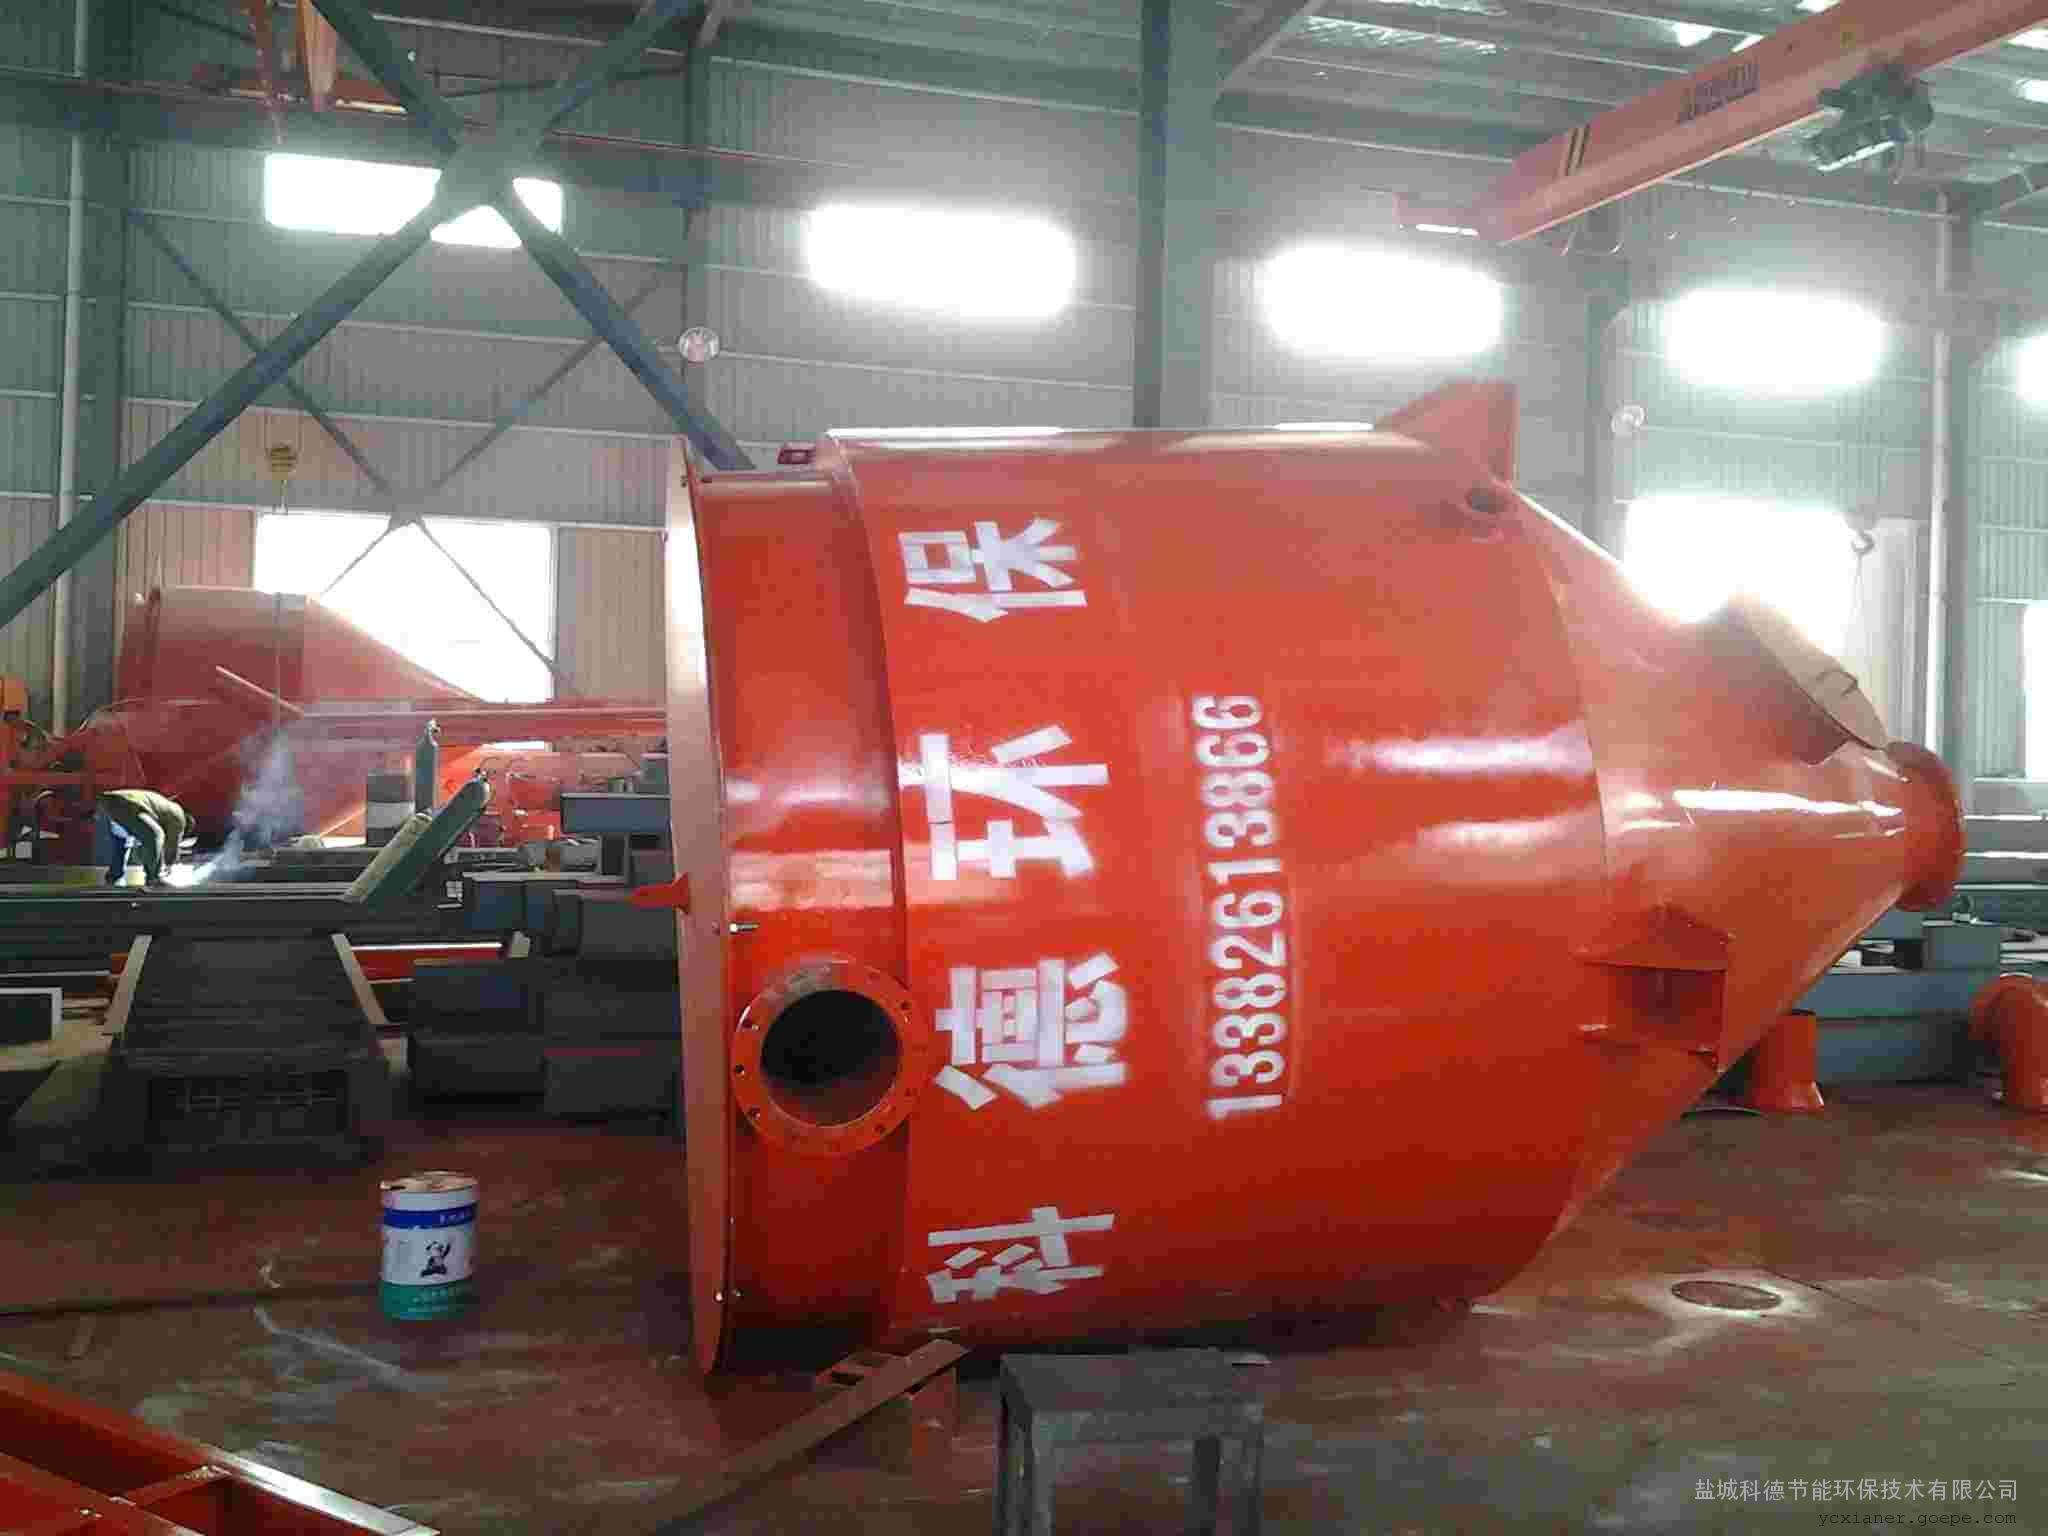 科德KDX码头粉体物料负压吸泵卸船机